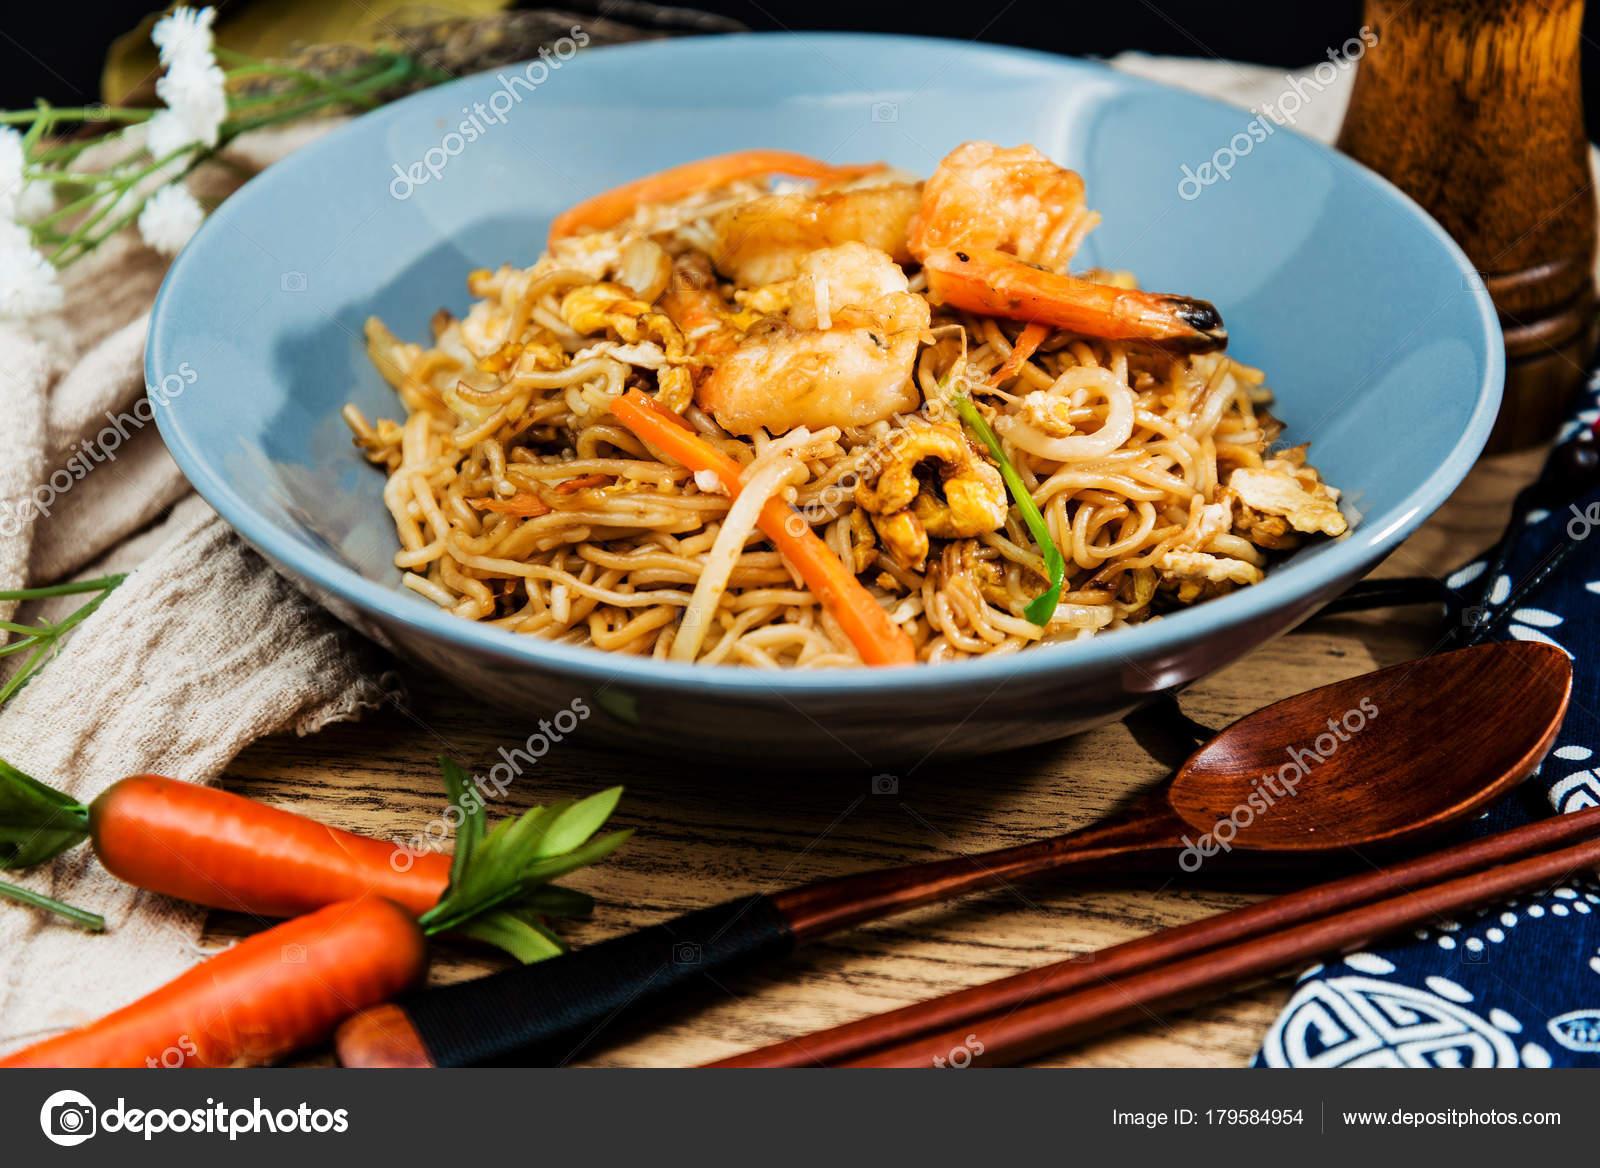 Kuchnia Azjatycka Smazony Makaron Na Stole Zdjecie Stockowe